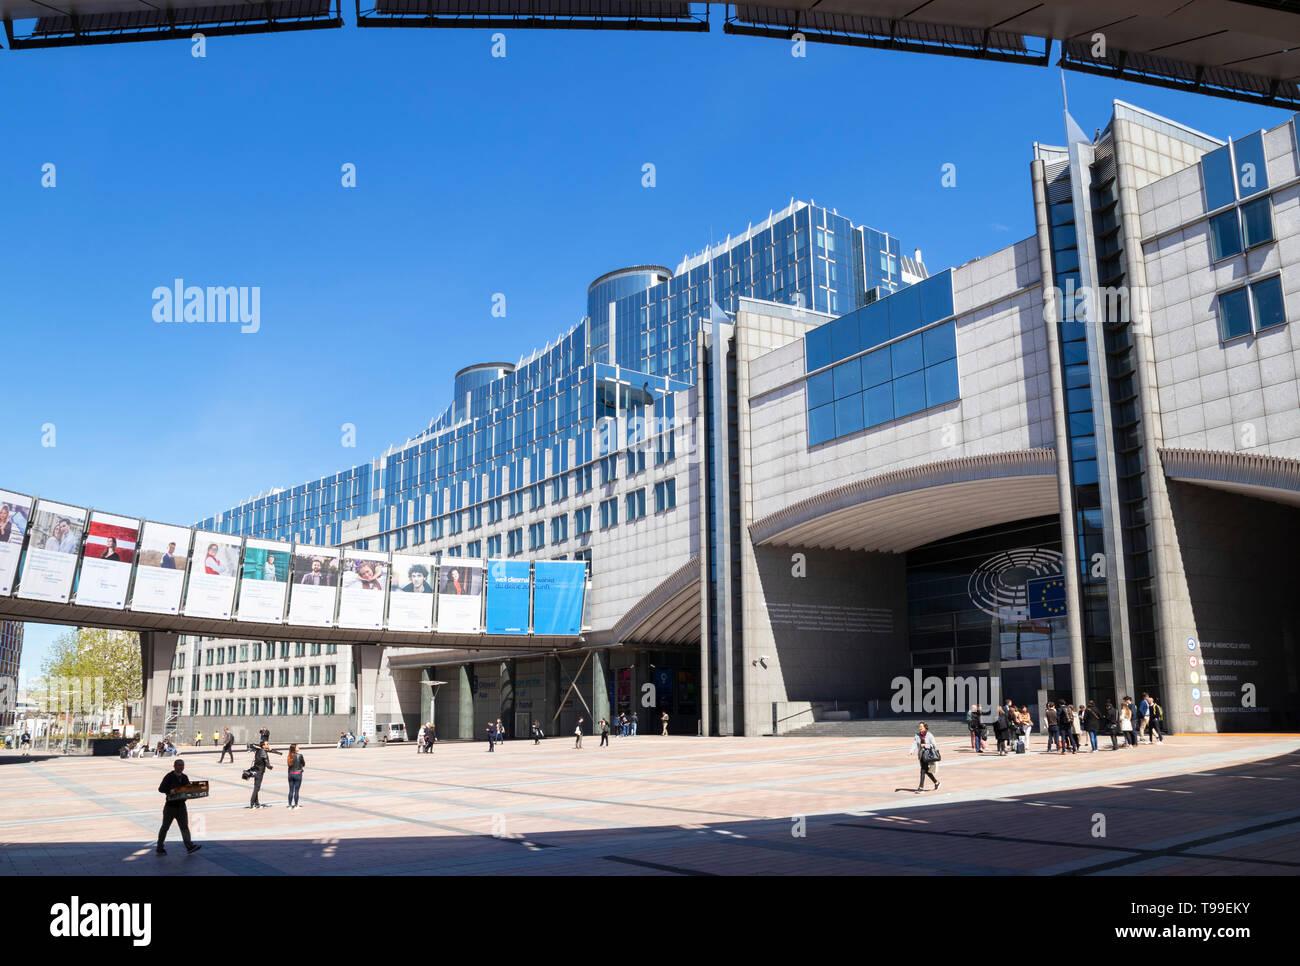 Esplanade Solidarnosc 1980, UE gli edifici del Parlamento europeo, Edificio del Parlamento europeo, edificio Altiero Spinelli, Bruxelles Belgio UE Europa Immagini Stock